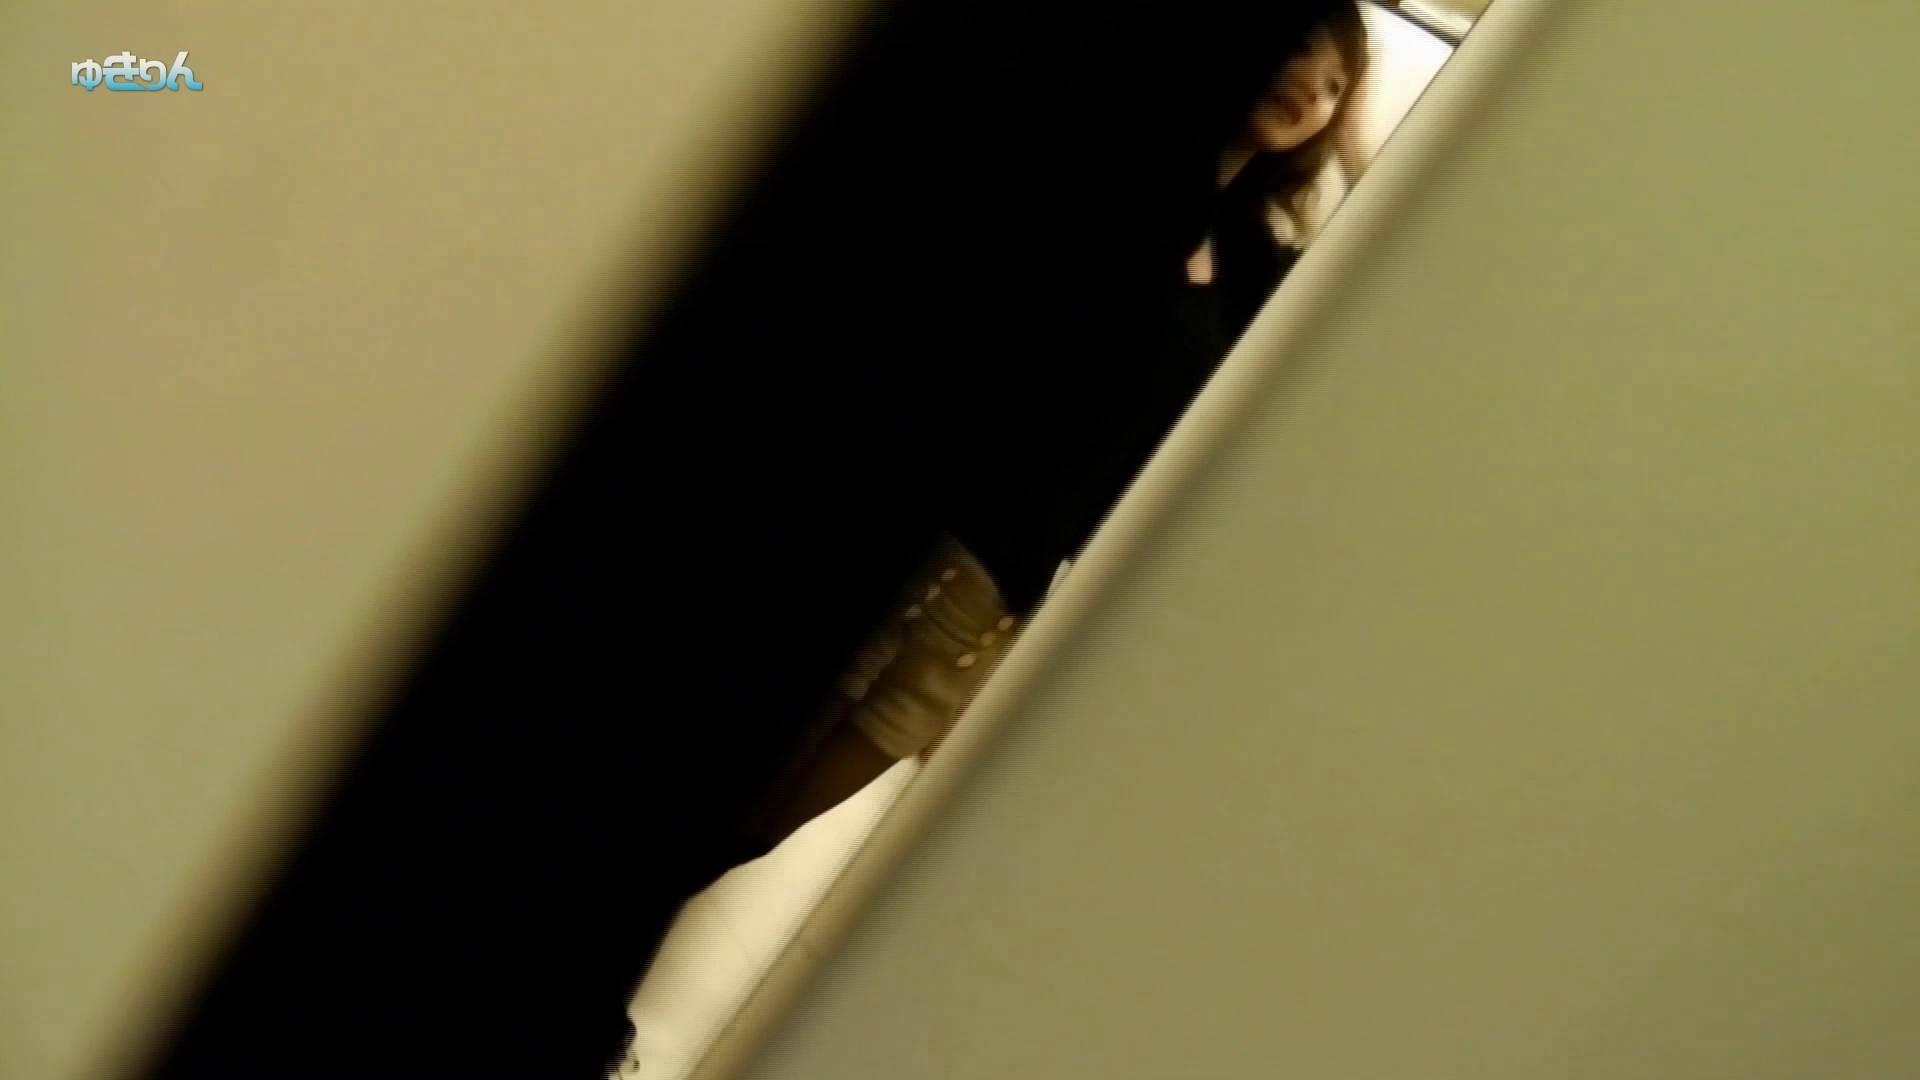 新世界の射窓 No81 制月反さん登場!! 洗面所のぞき セックス画像 89枚 23